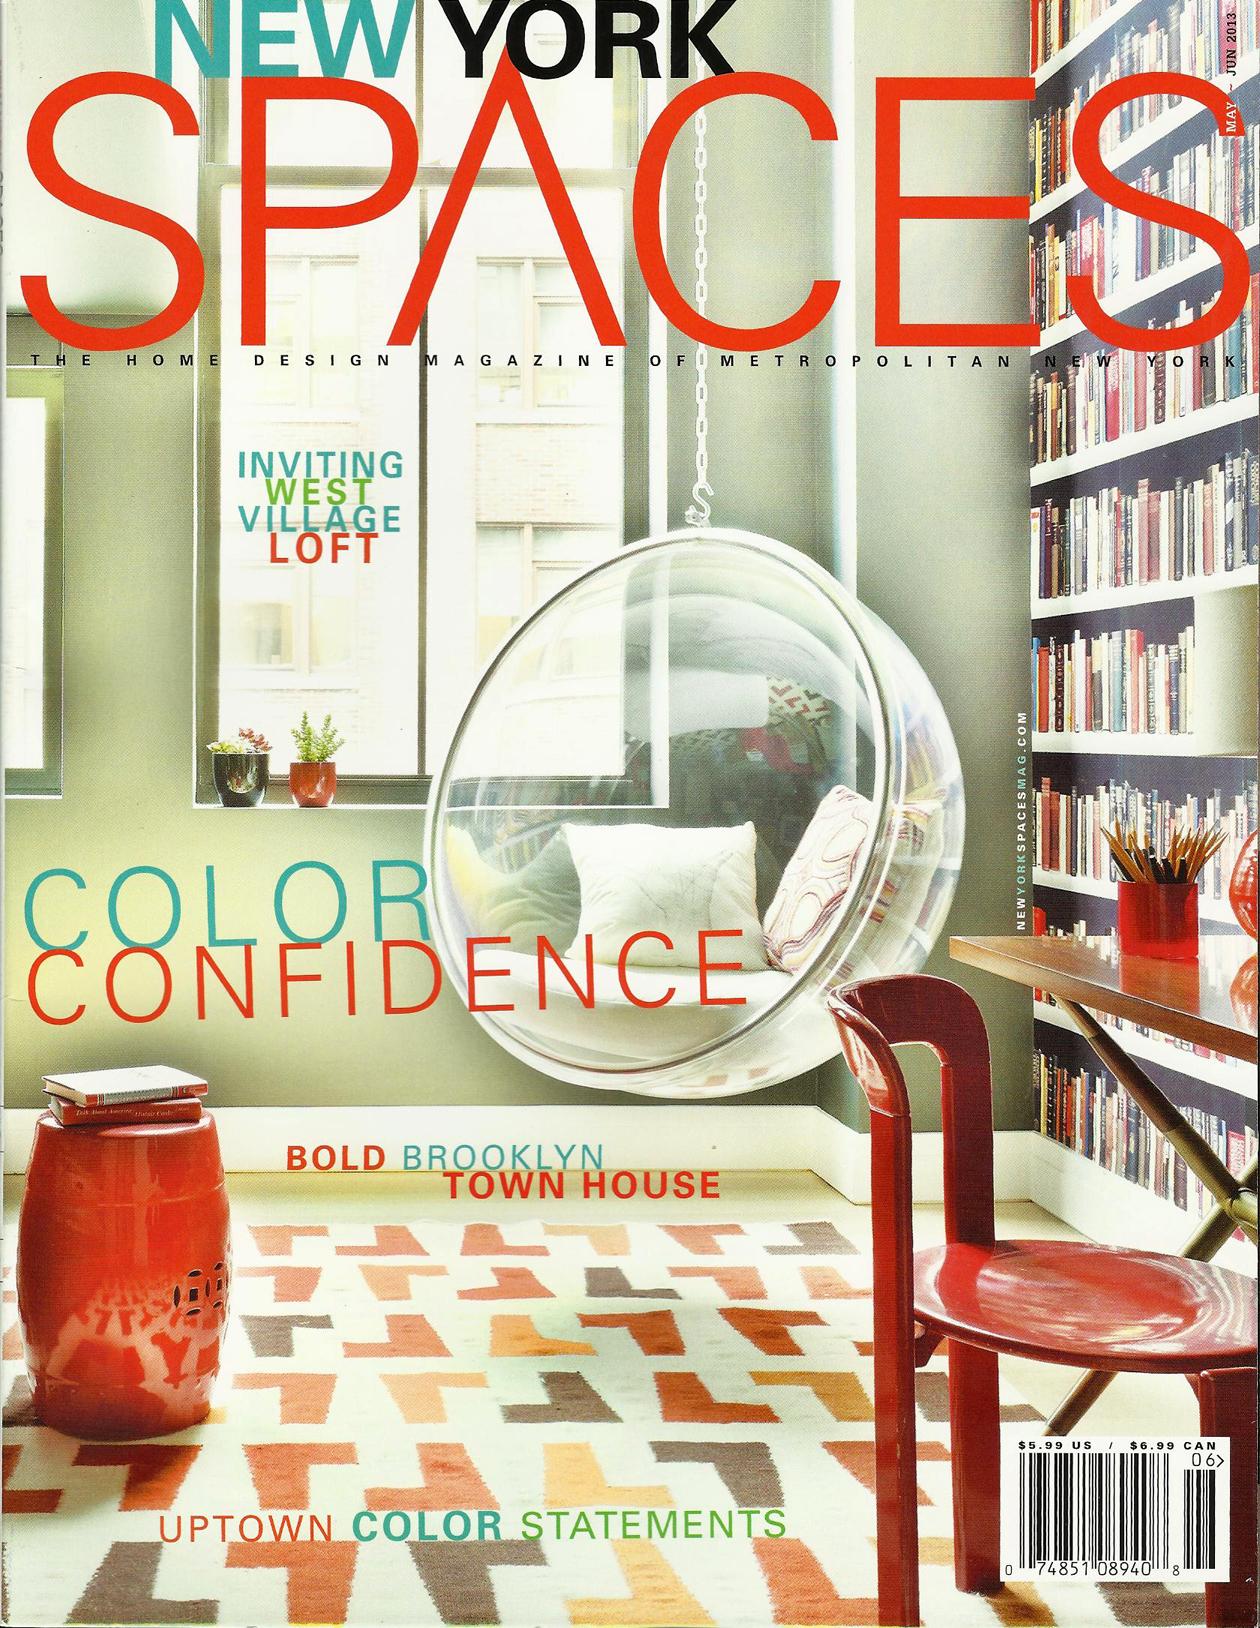 New York SpacesMay / June 2013